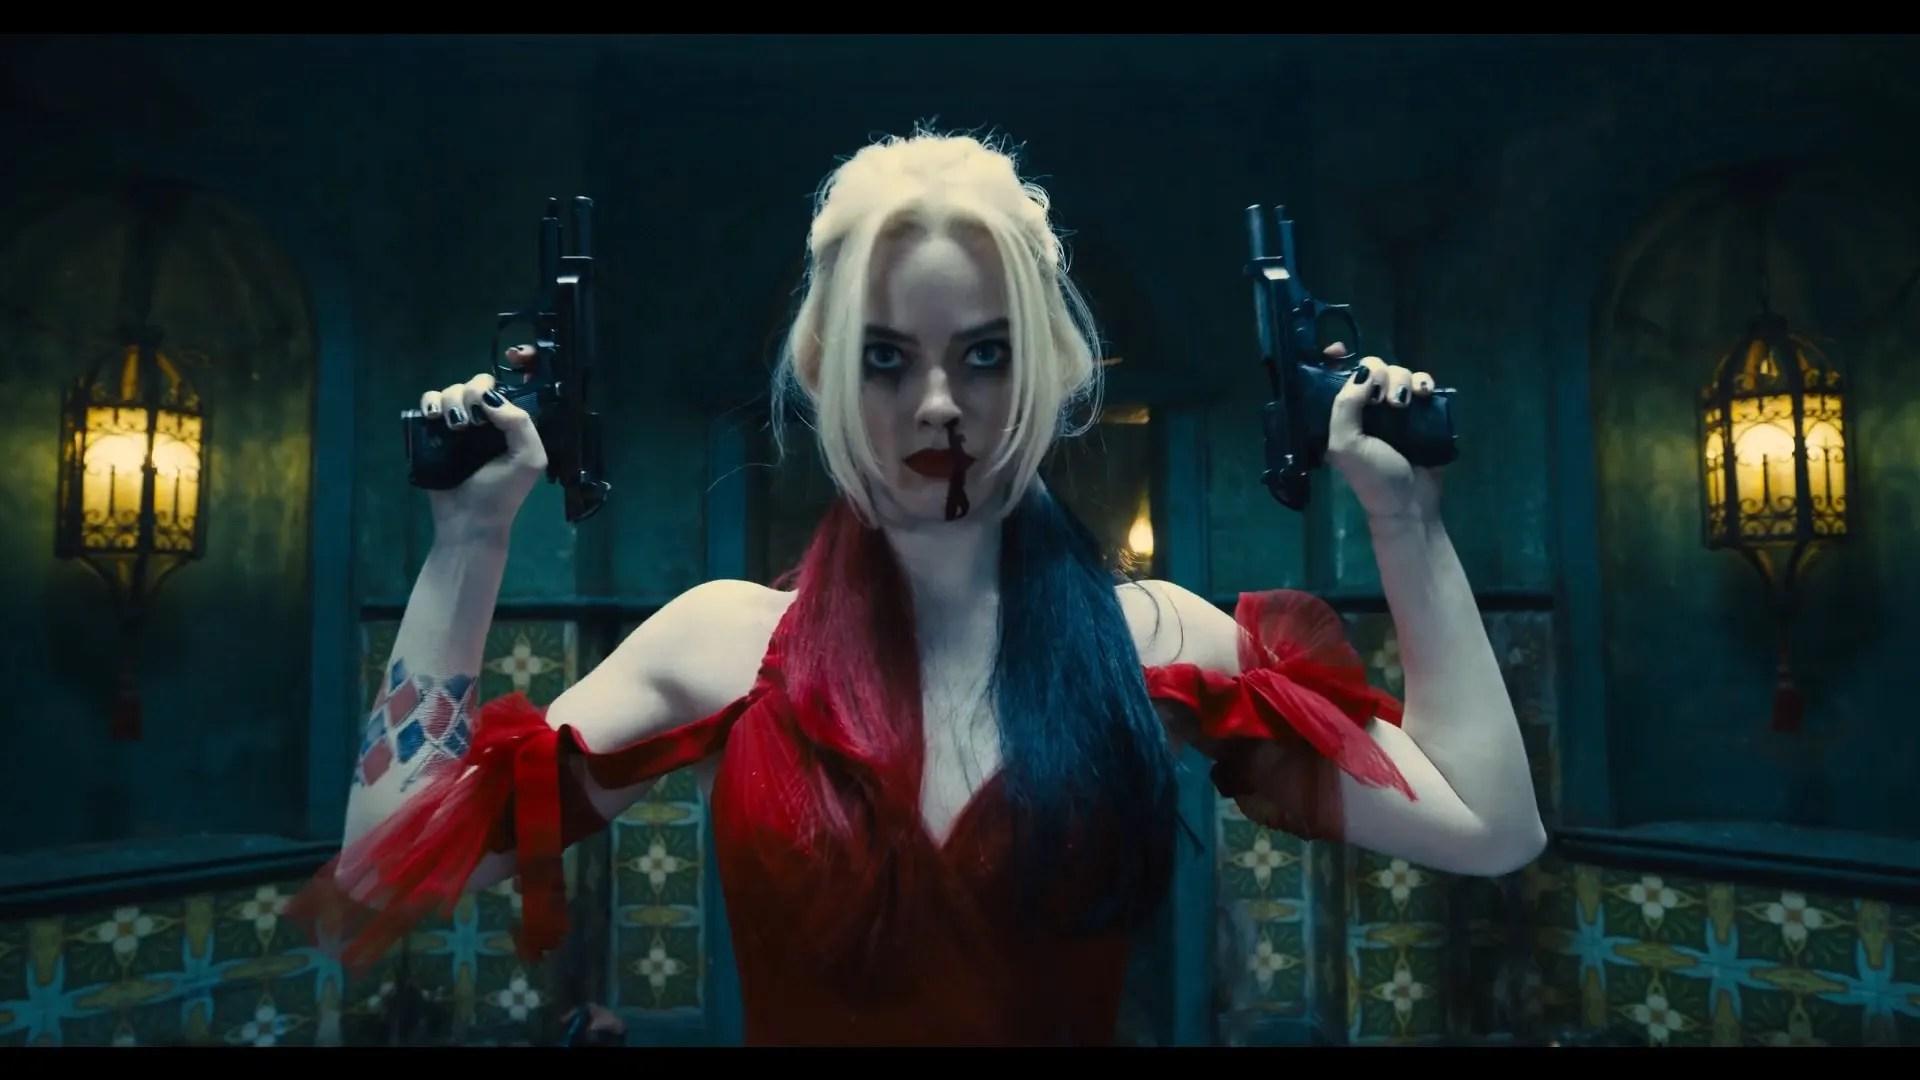 En El Escuadrón Suicida, Harley Quinn protagoniza la escena favorita de James Gunn - HobbyConsolas Entretenimiento